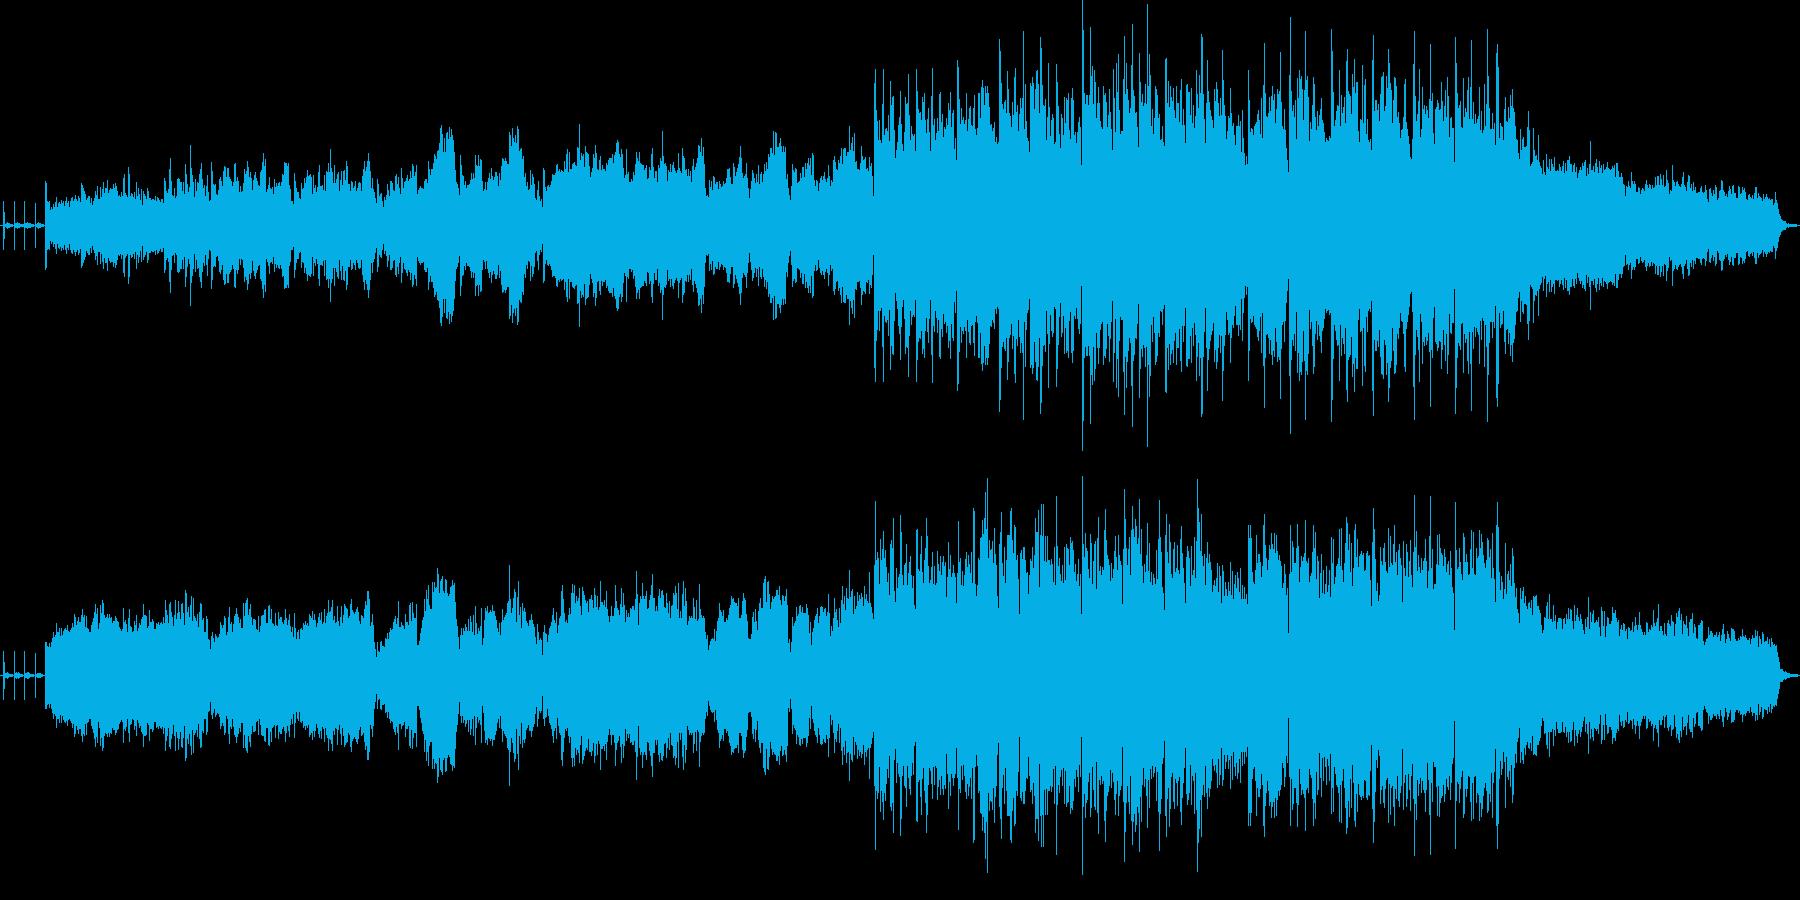 葉加瀬太郎風のラテンリズムのバイオリン曲の再生済みの波形